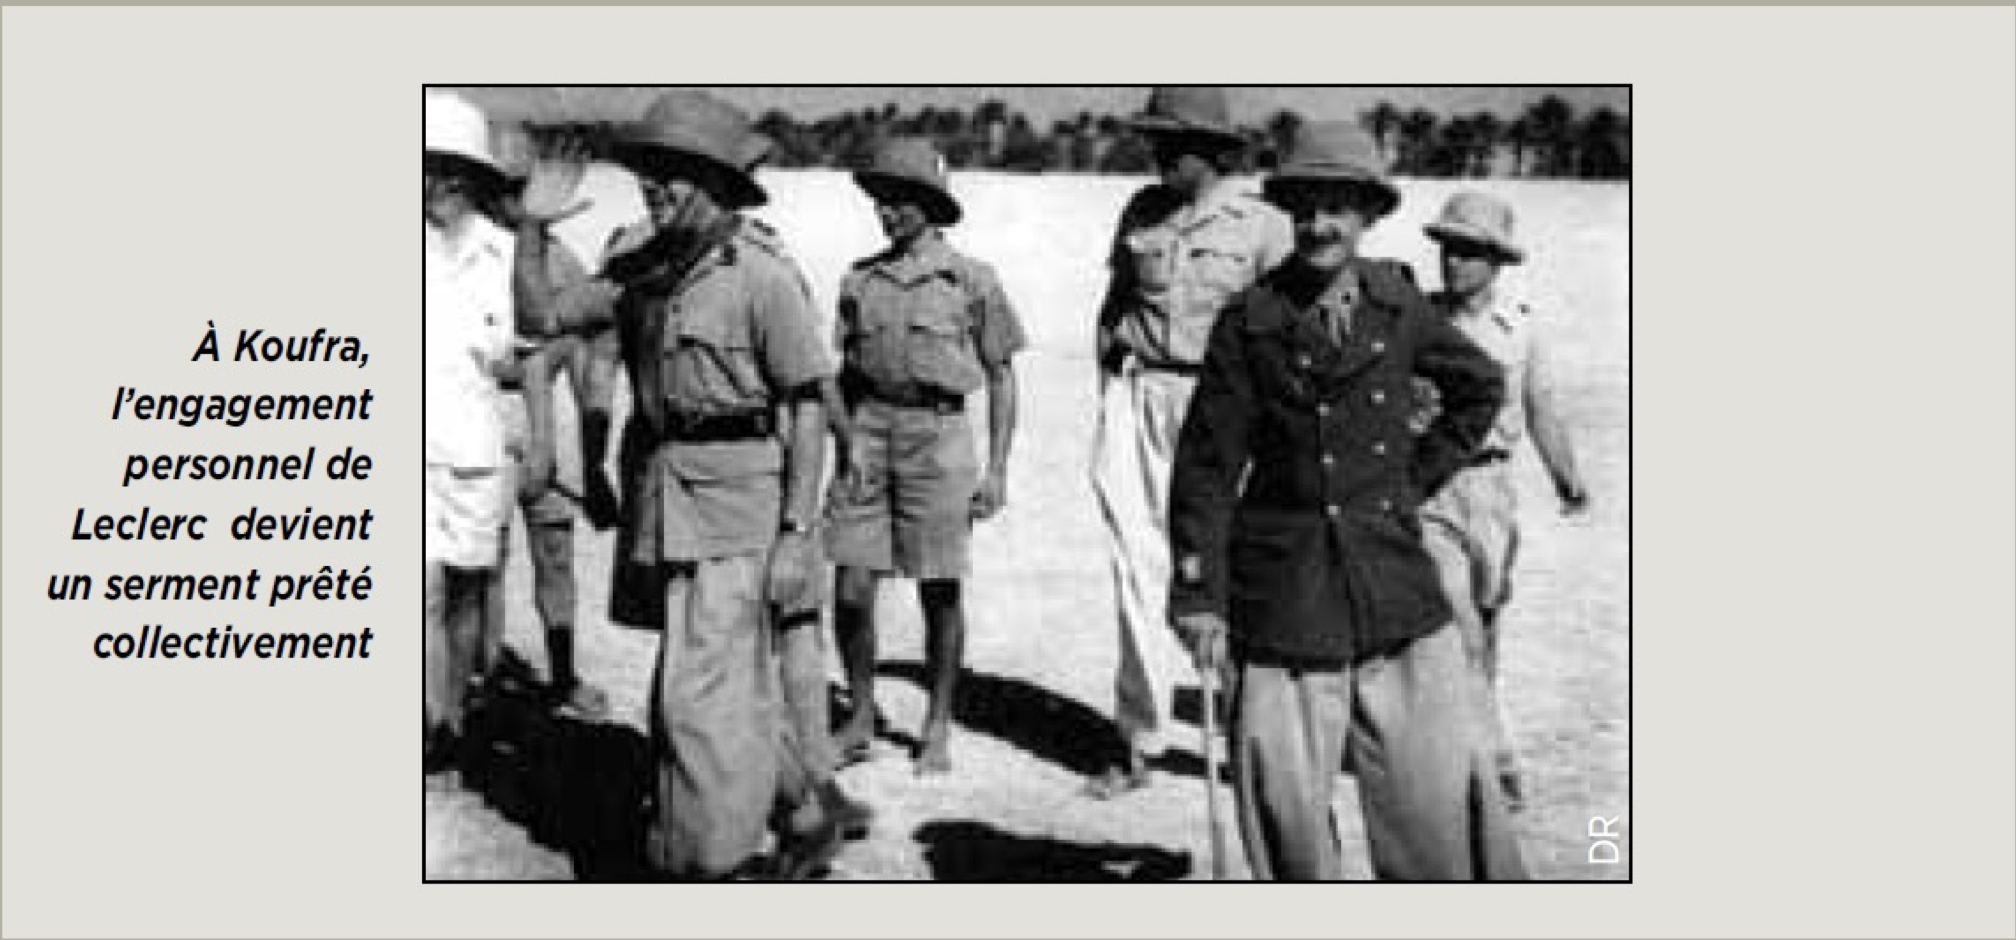 engagement personnel de Leclerc a Koufra